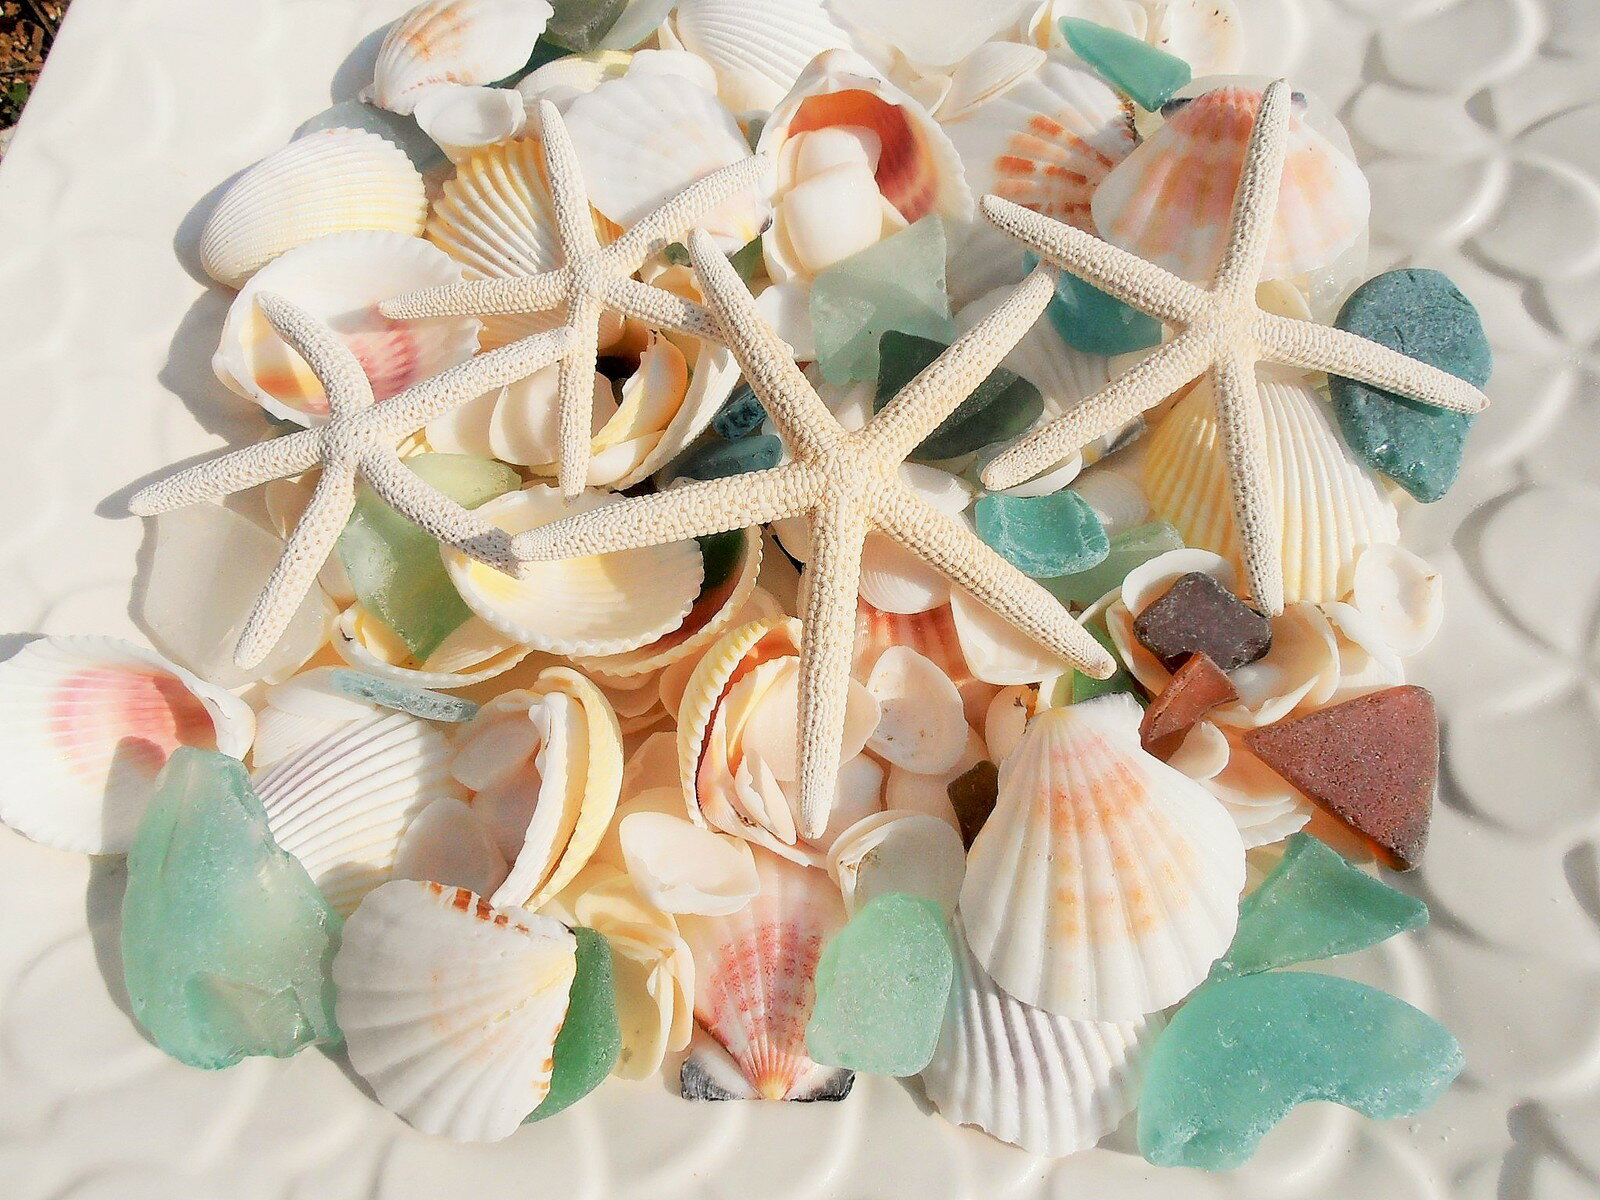 天然素材 A品 ヒトデ 4P 白い 貝殻 シーグラス セット 500gBIGパック ハワイインテリア ブライダルディスプレイ 手作り素材 クラフト工作材料 マリン雑貨